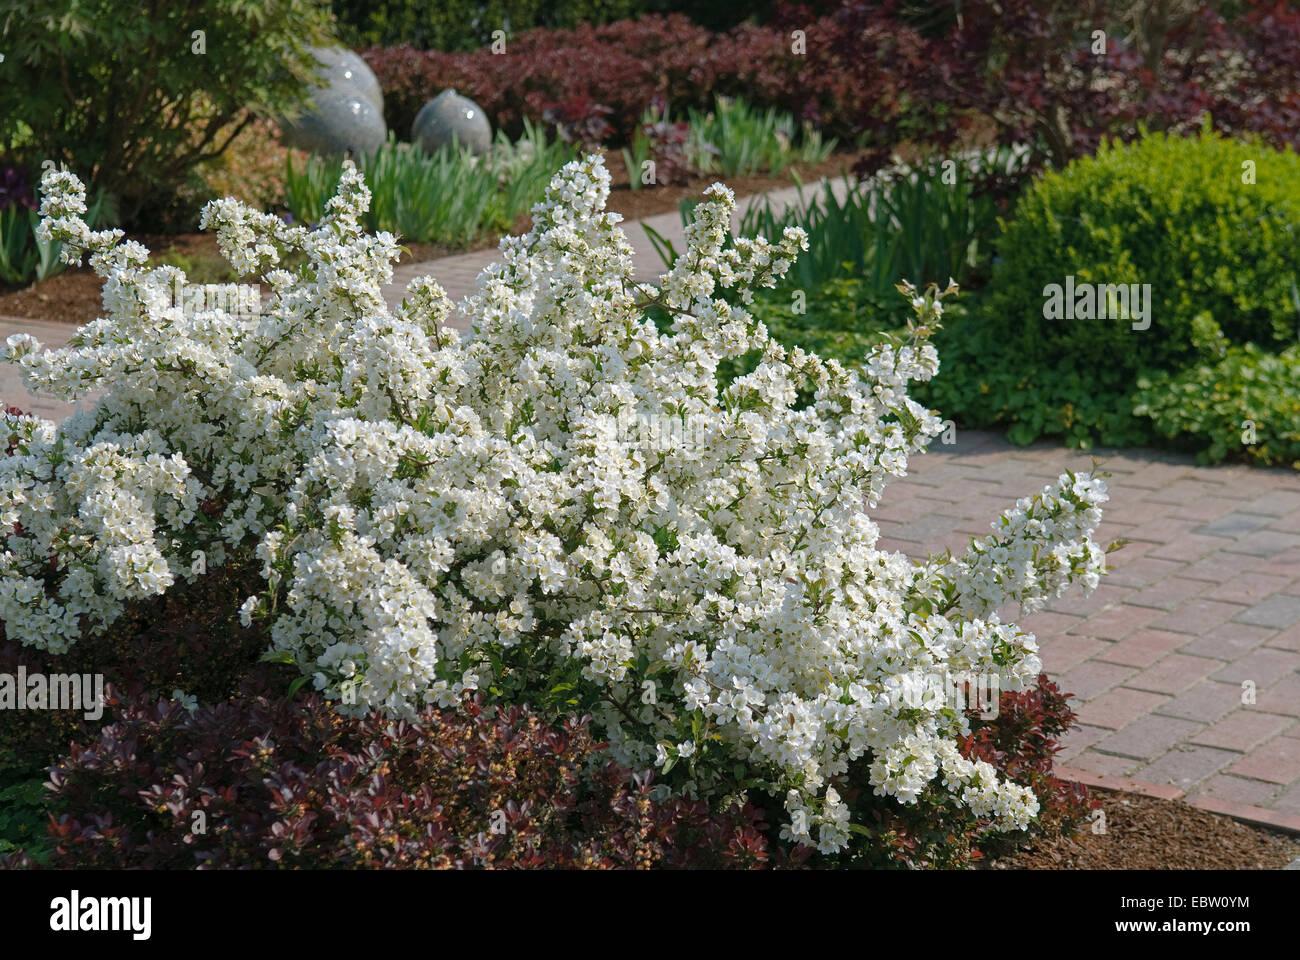 ornamental apple tree (Malus sargentii 'Tina', Malus sargentii Tina, Malus toringo var. sargentii), cultivar - Stock Image